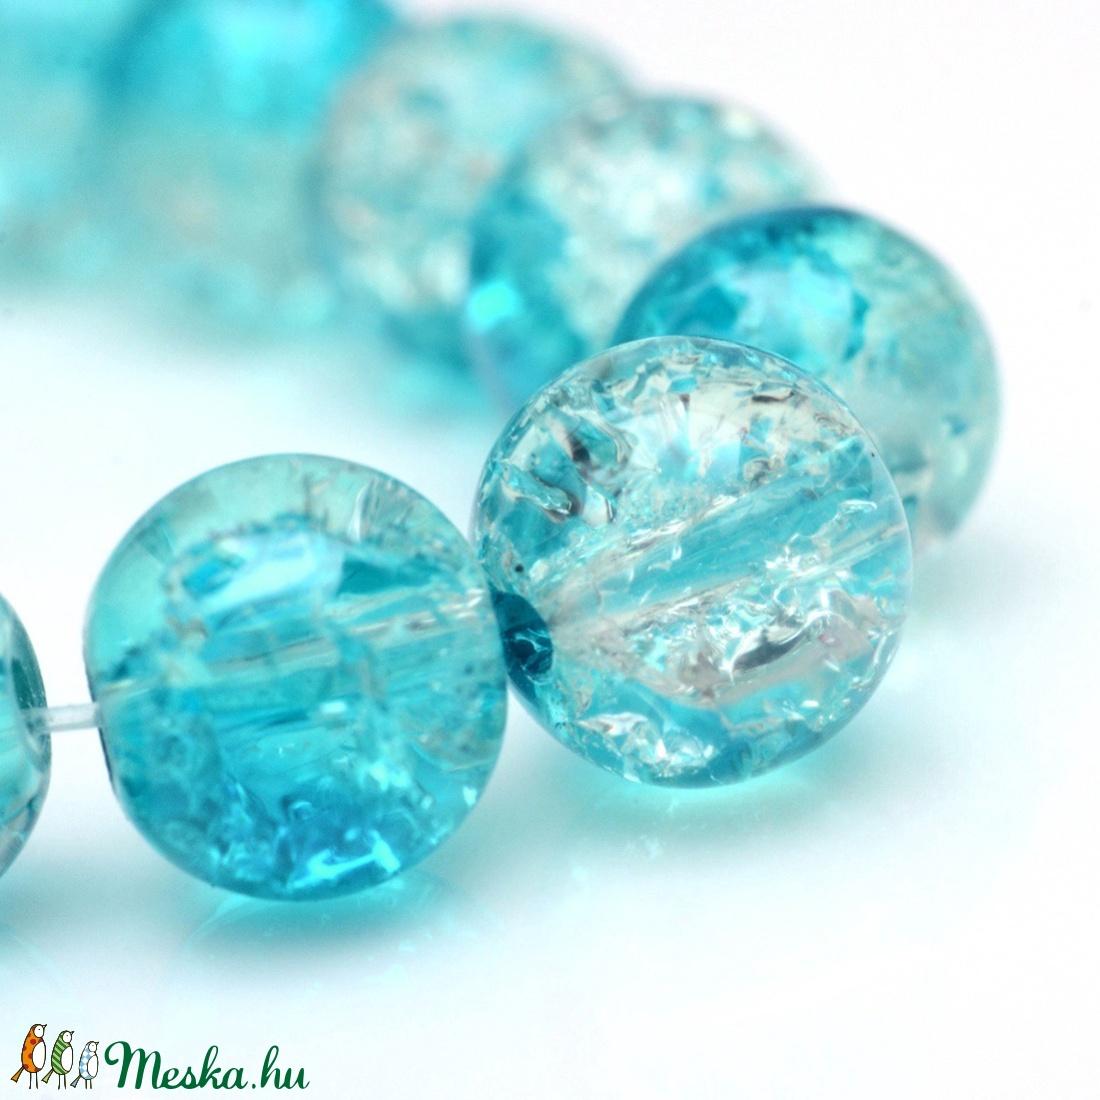 Robbantott üveggyöngy-9 (6 mm/1 csomag) - kék/fehér - gyöngy, ékszerkellék - Meska.hu